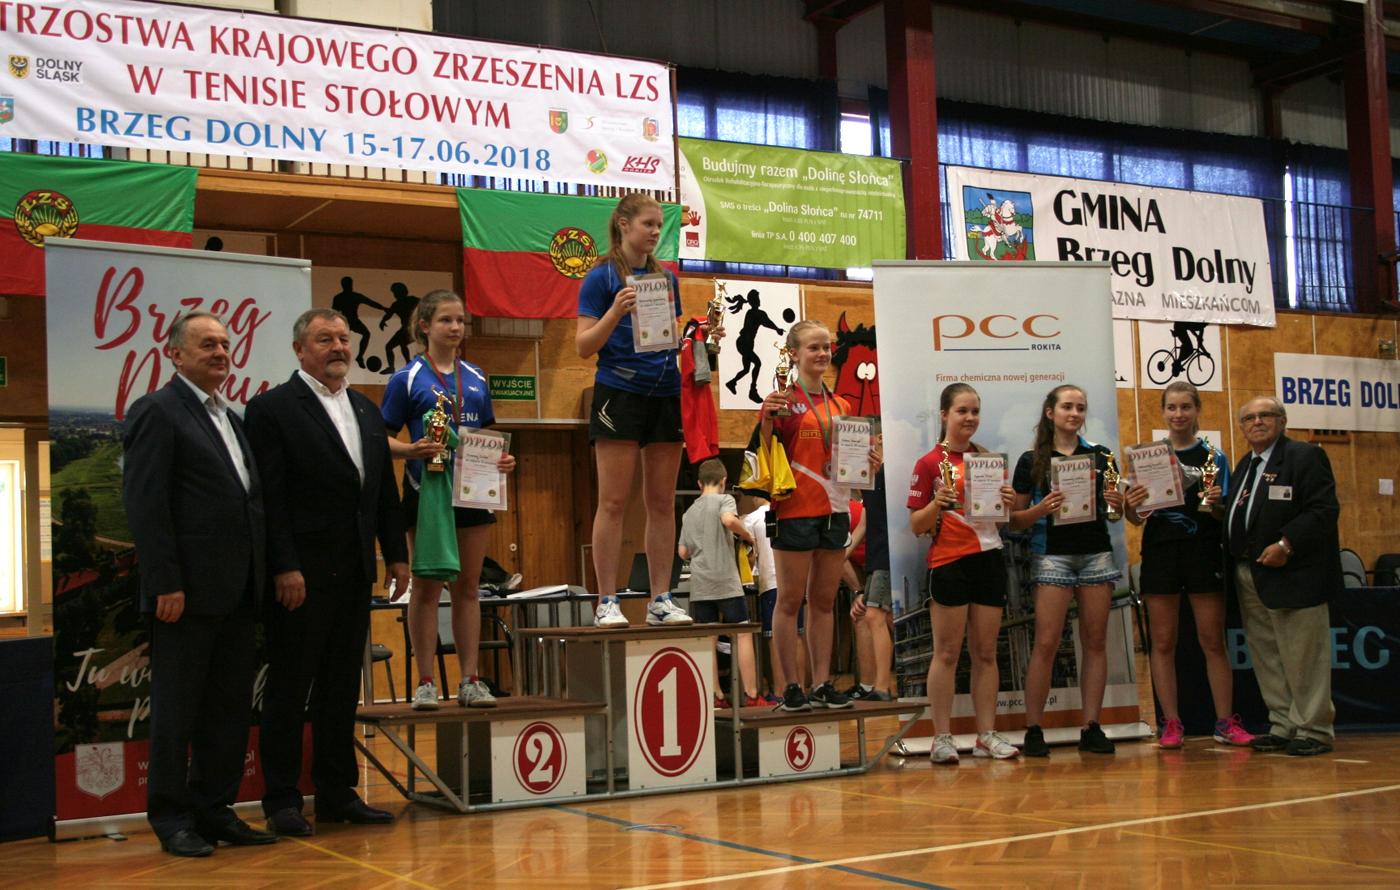 Mistrzostwa Krajowego Zrzeszenia LZS wTenisie Stołowym —Brzeg Dolny 2018